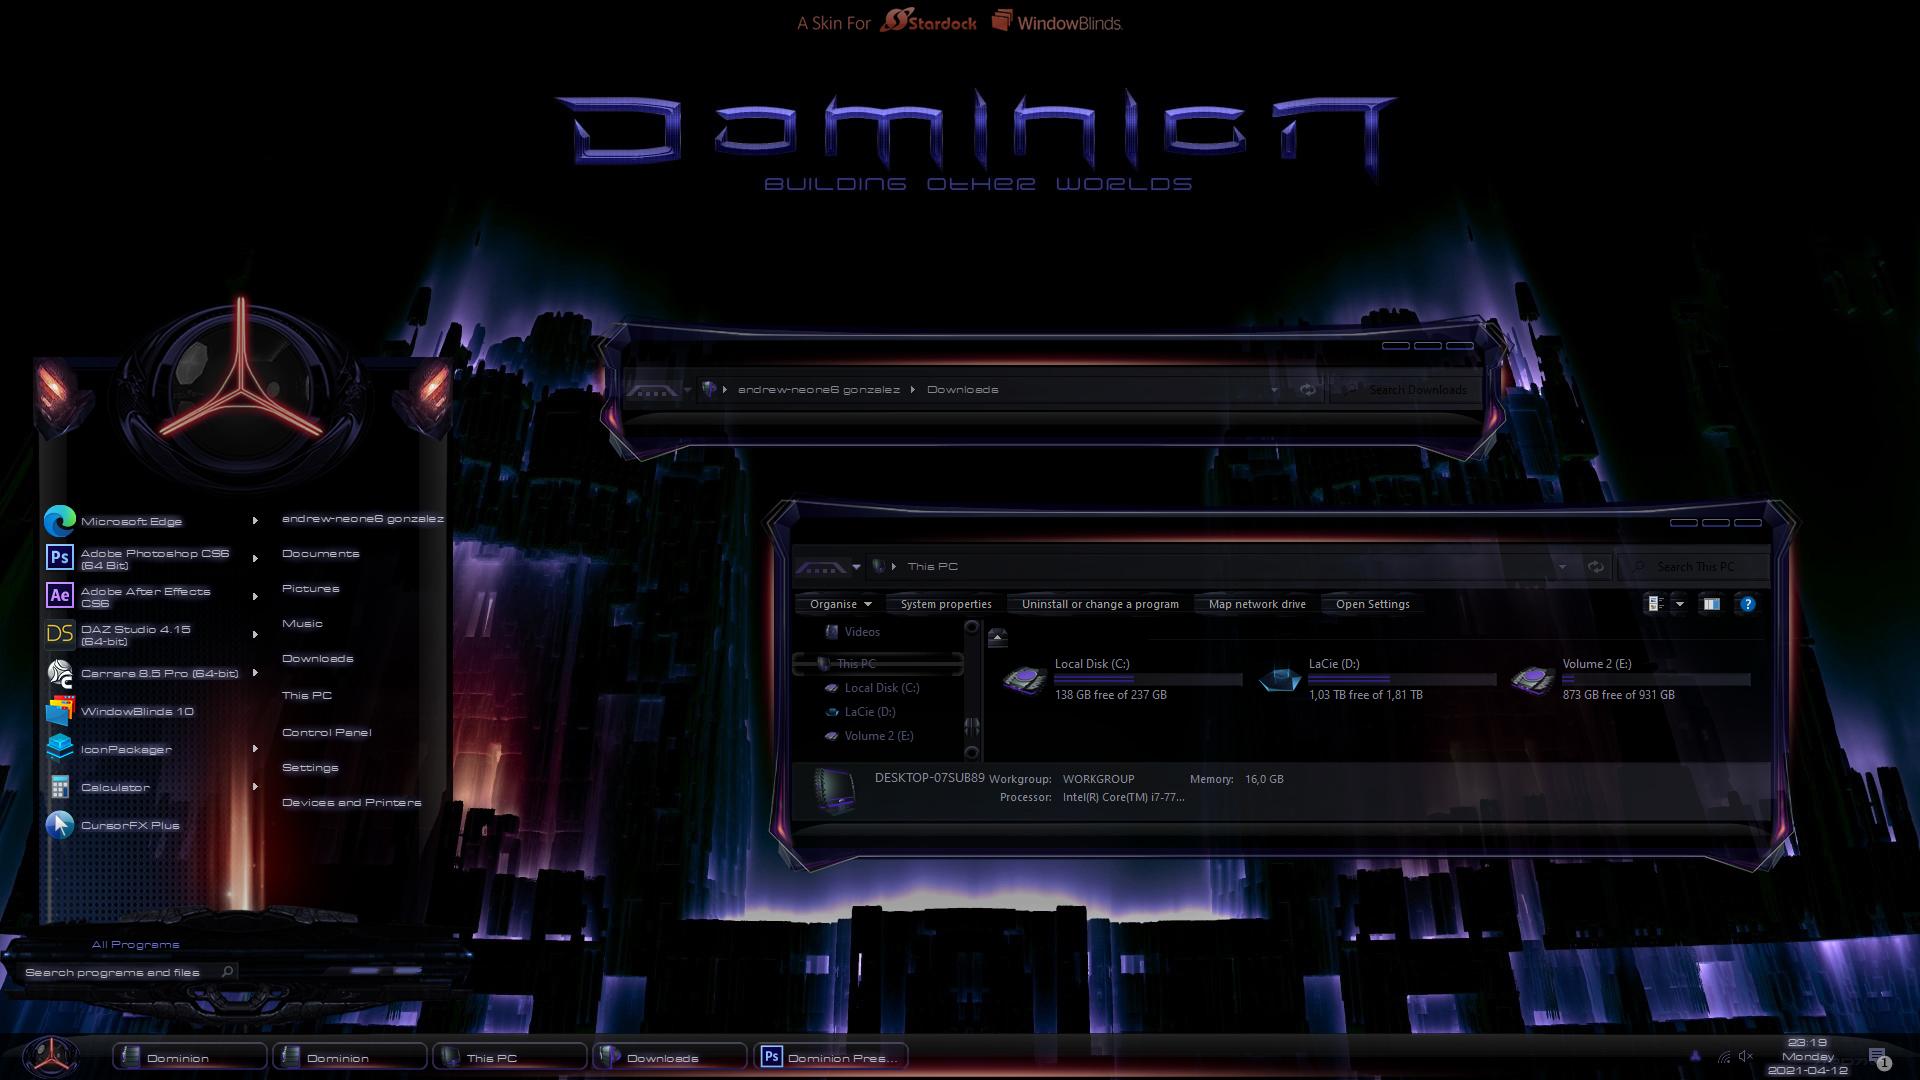 Dominion Presentation